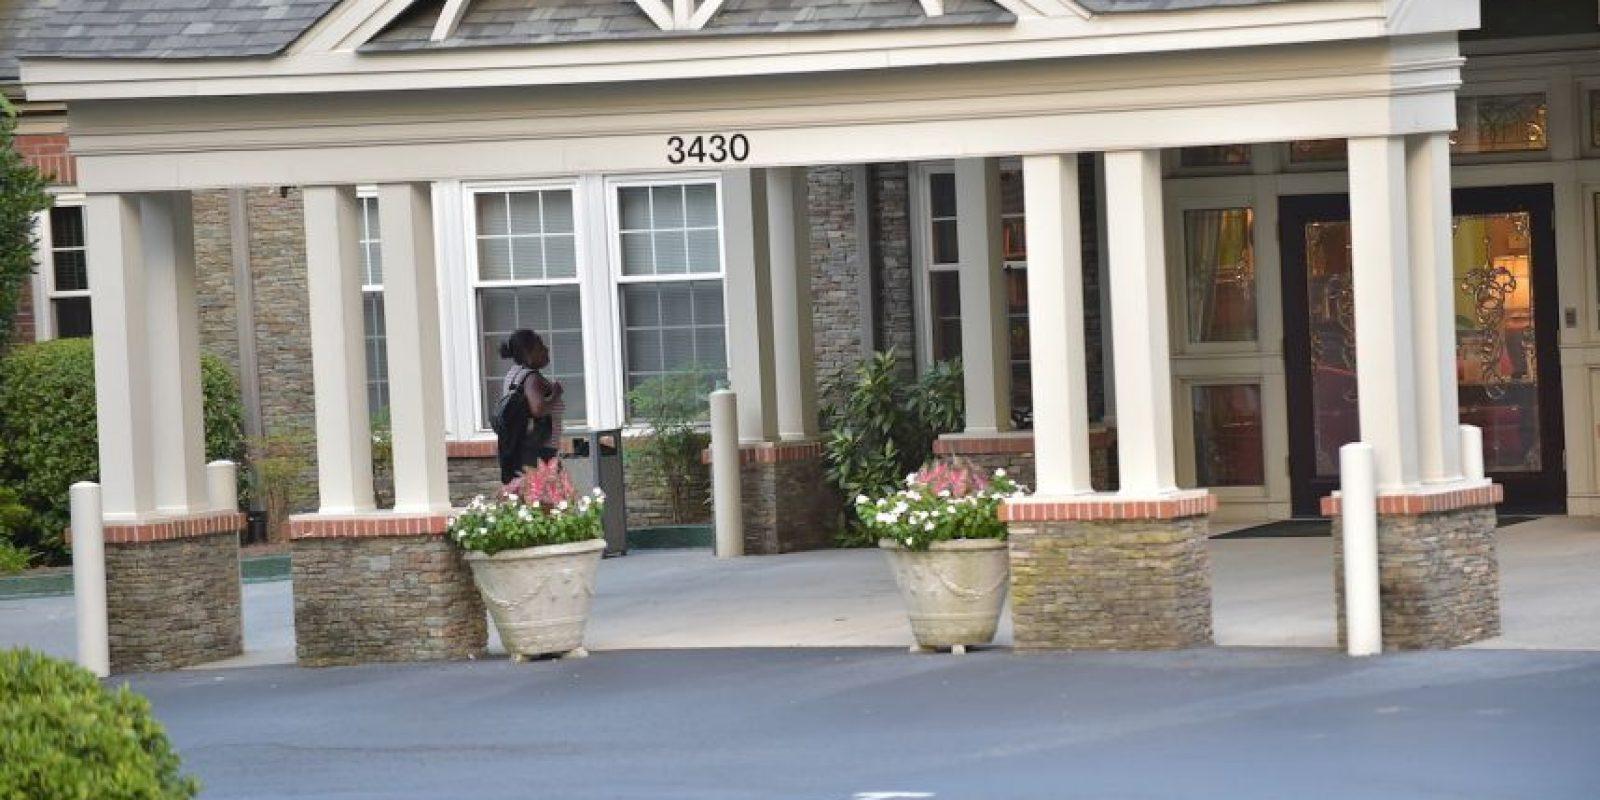 Posteriormente, se le prohibió a todos los miembros de la familia Brown que visitaran a Bobbi, a raíz de que intentaran vender una fotografía en la que la hija de Whitney Houston aparecía inconsciente en una de las camas del hospital. Foto:Getty Images